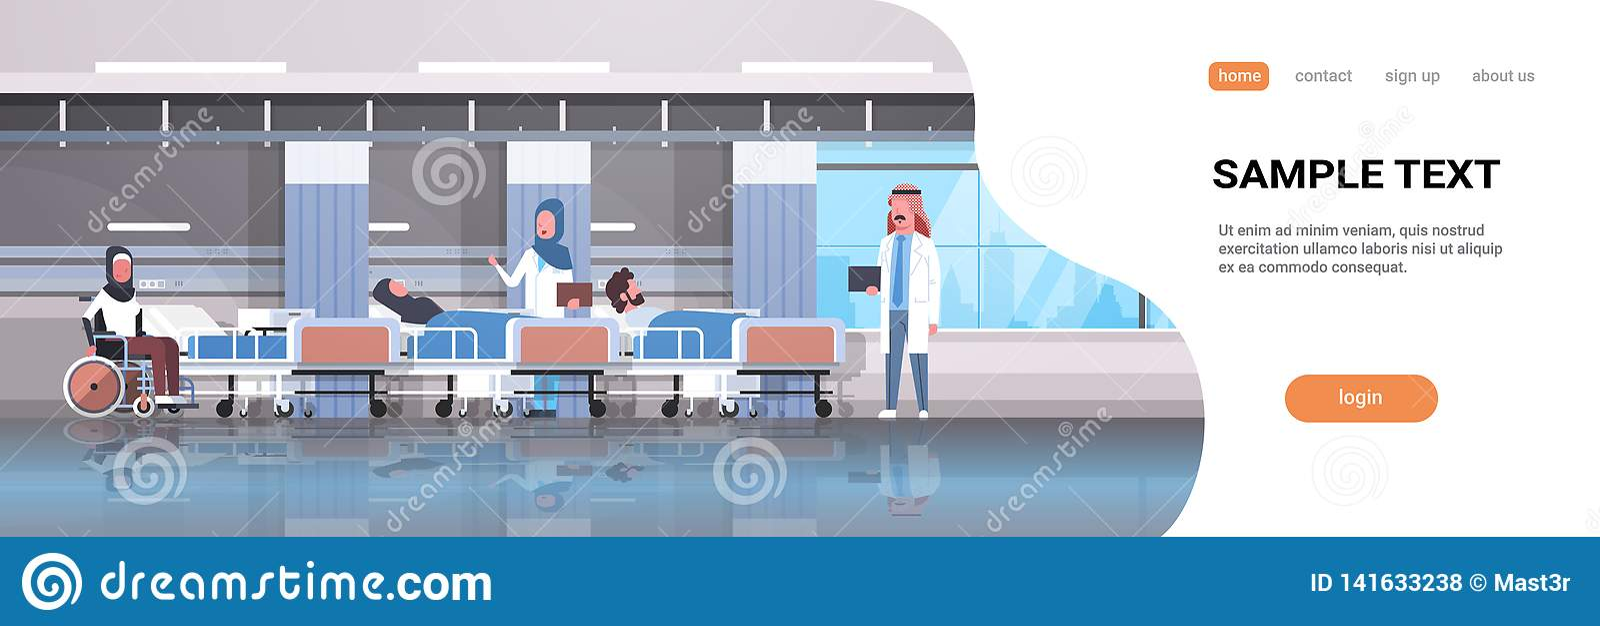 Gruppo arabo di medici che visita i pazienti arabi disabili che si siedono sanità intensiva di menzogne del reparto di terapia de